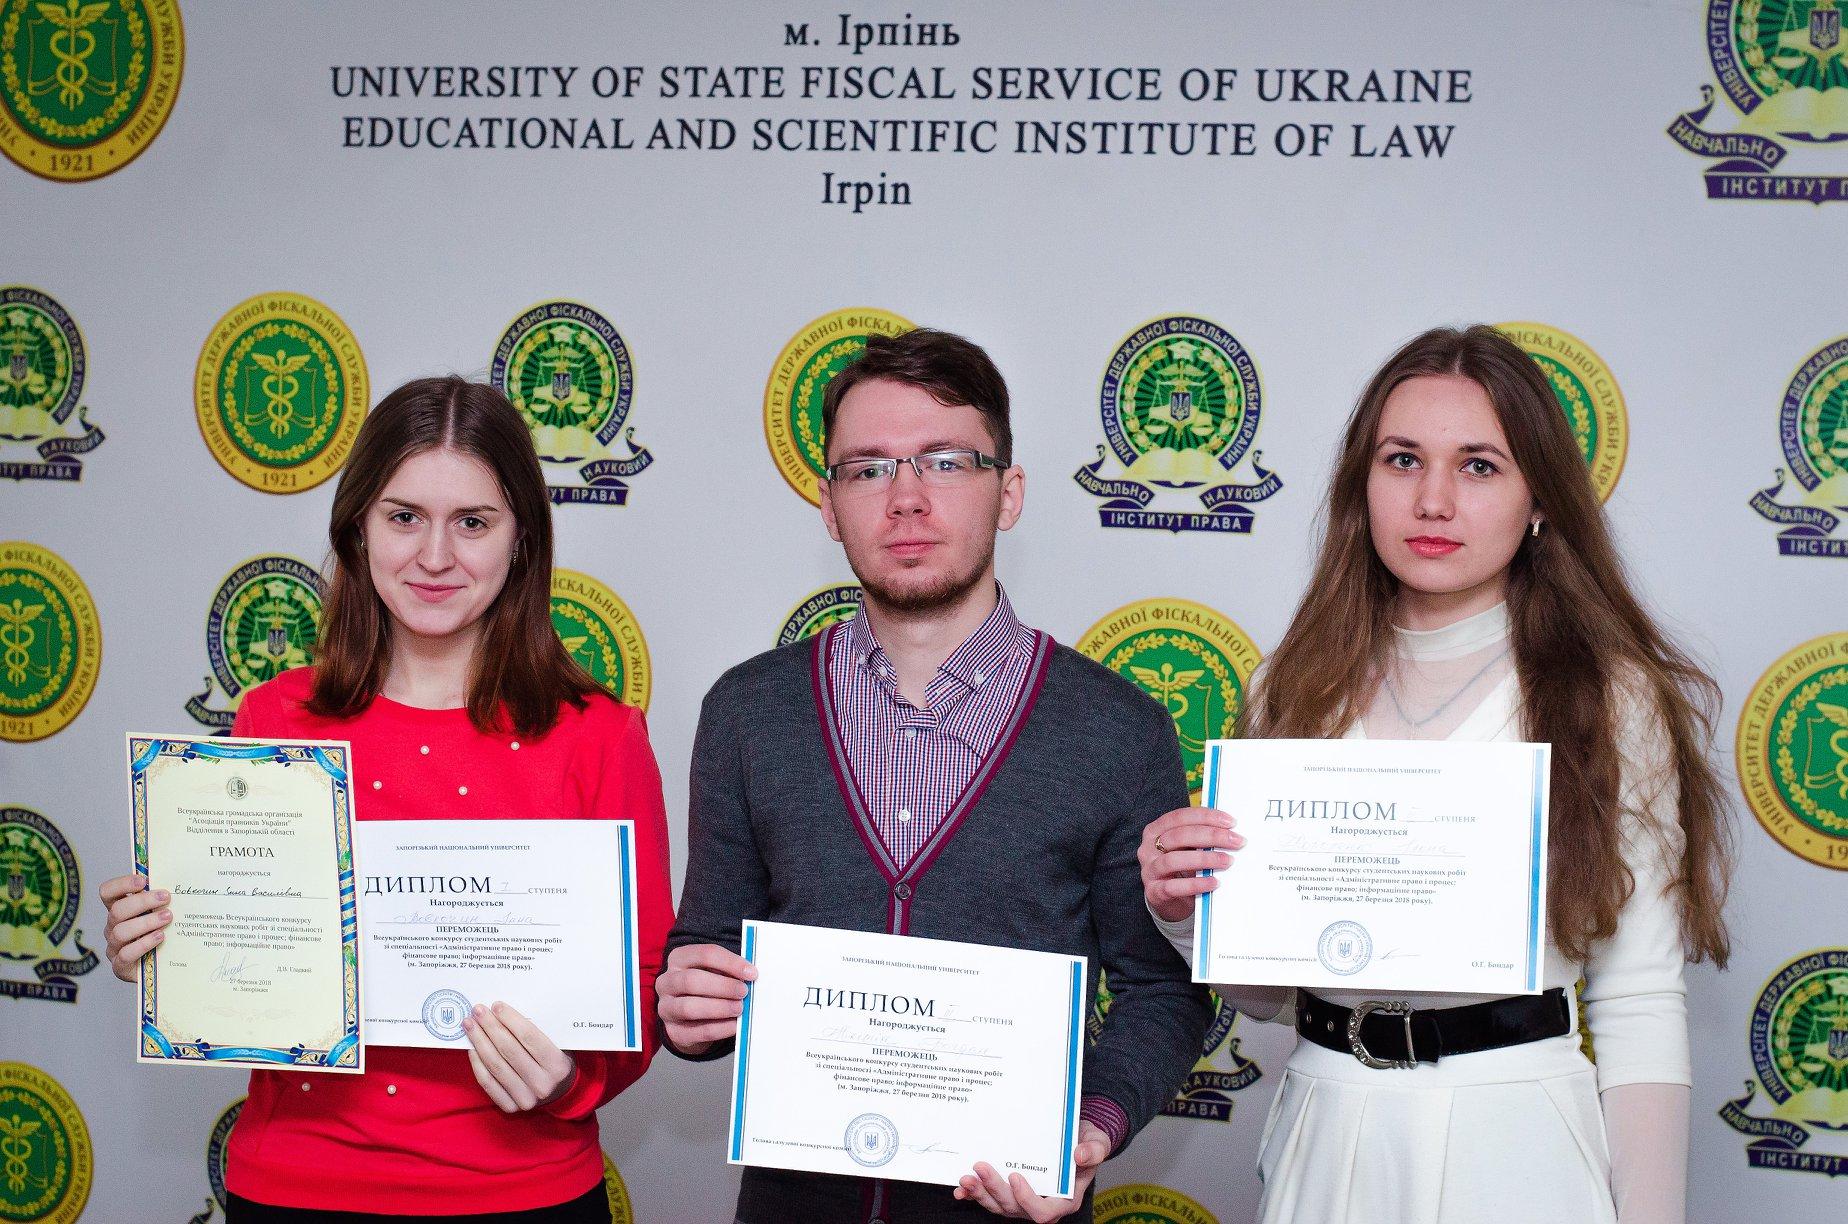 Студенти ННІ права УДФСУ взяли участь у II турі Всеукраїнського конкурсу студентських наукових робіт зі спеціальності «Адміністративне право і процес; фінансове право; інформаційне право»